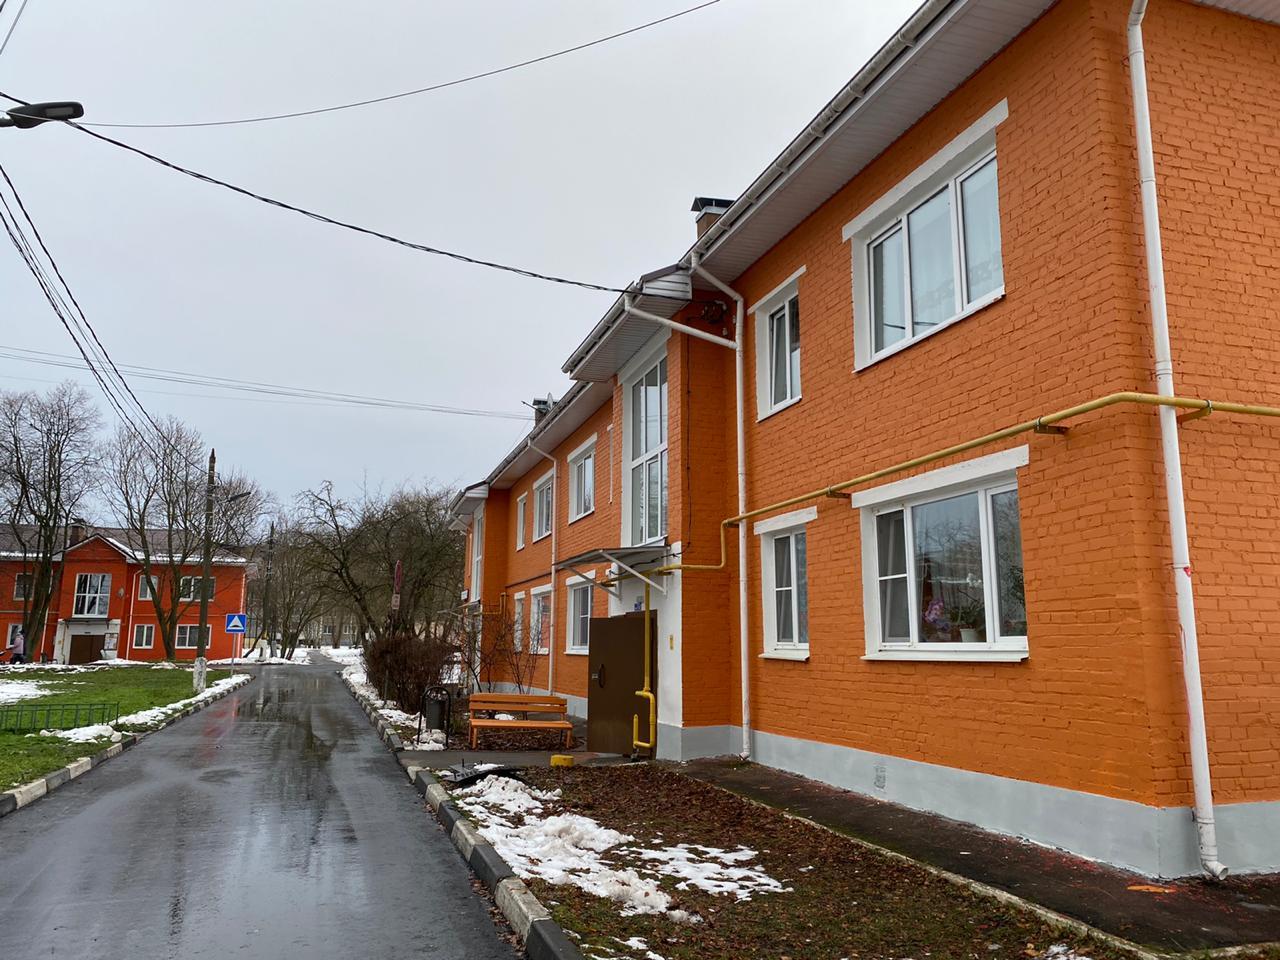 После окончания работ с фасадом запланировали отремонтировать ливневую канализацию на придомовой территории. Фото предоставили сотрудники местной администрации